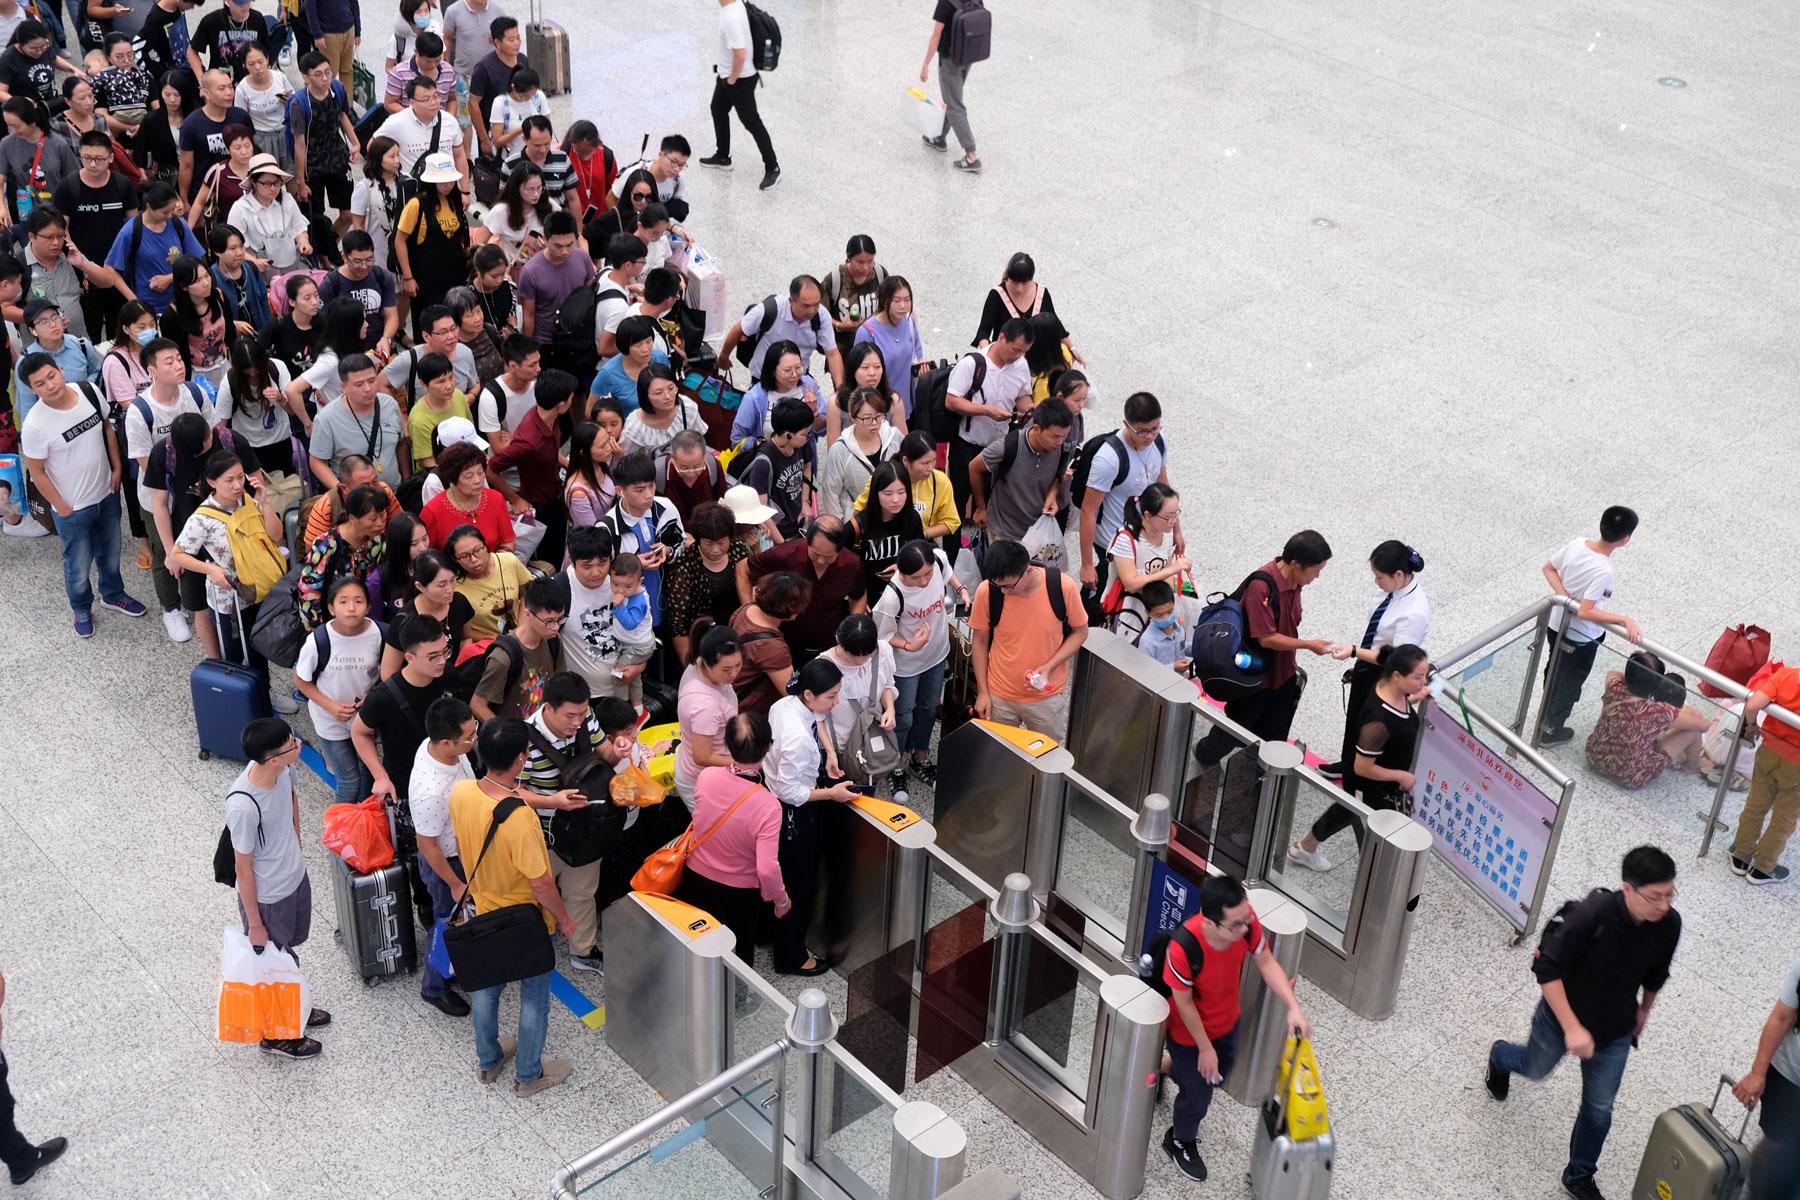 Menschen stehen in langen Schlangen vor den Eincheckschranken, um zu ihrem Zug in Nanning in China zu gelangen.